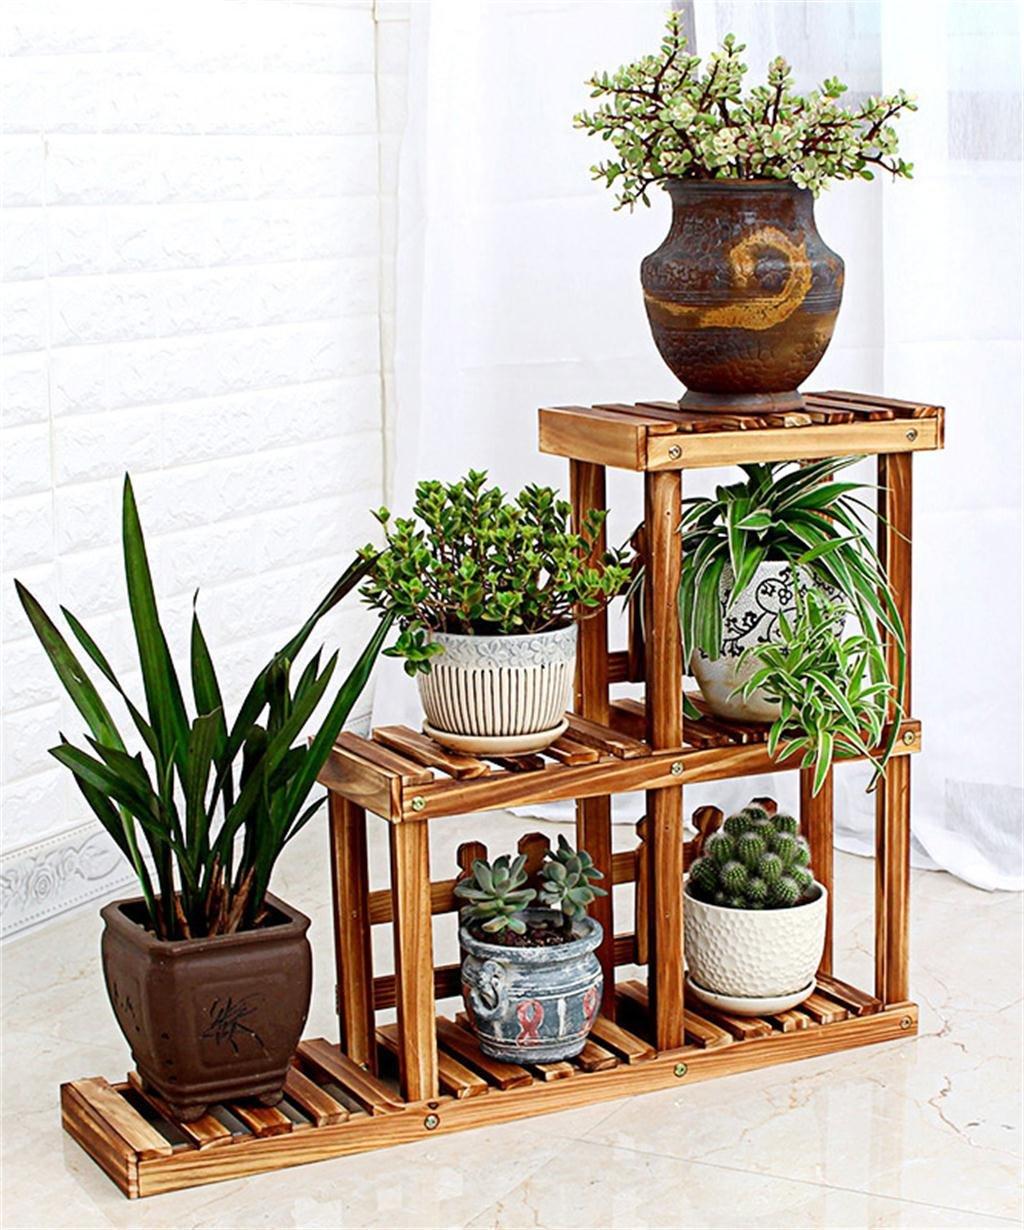 Blume Halter Multilayer Massiv Holz Leiter Balkon Blumenständer Blume Topf Regal